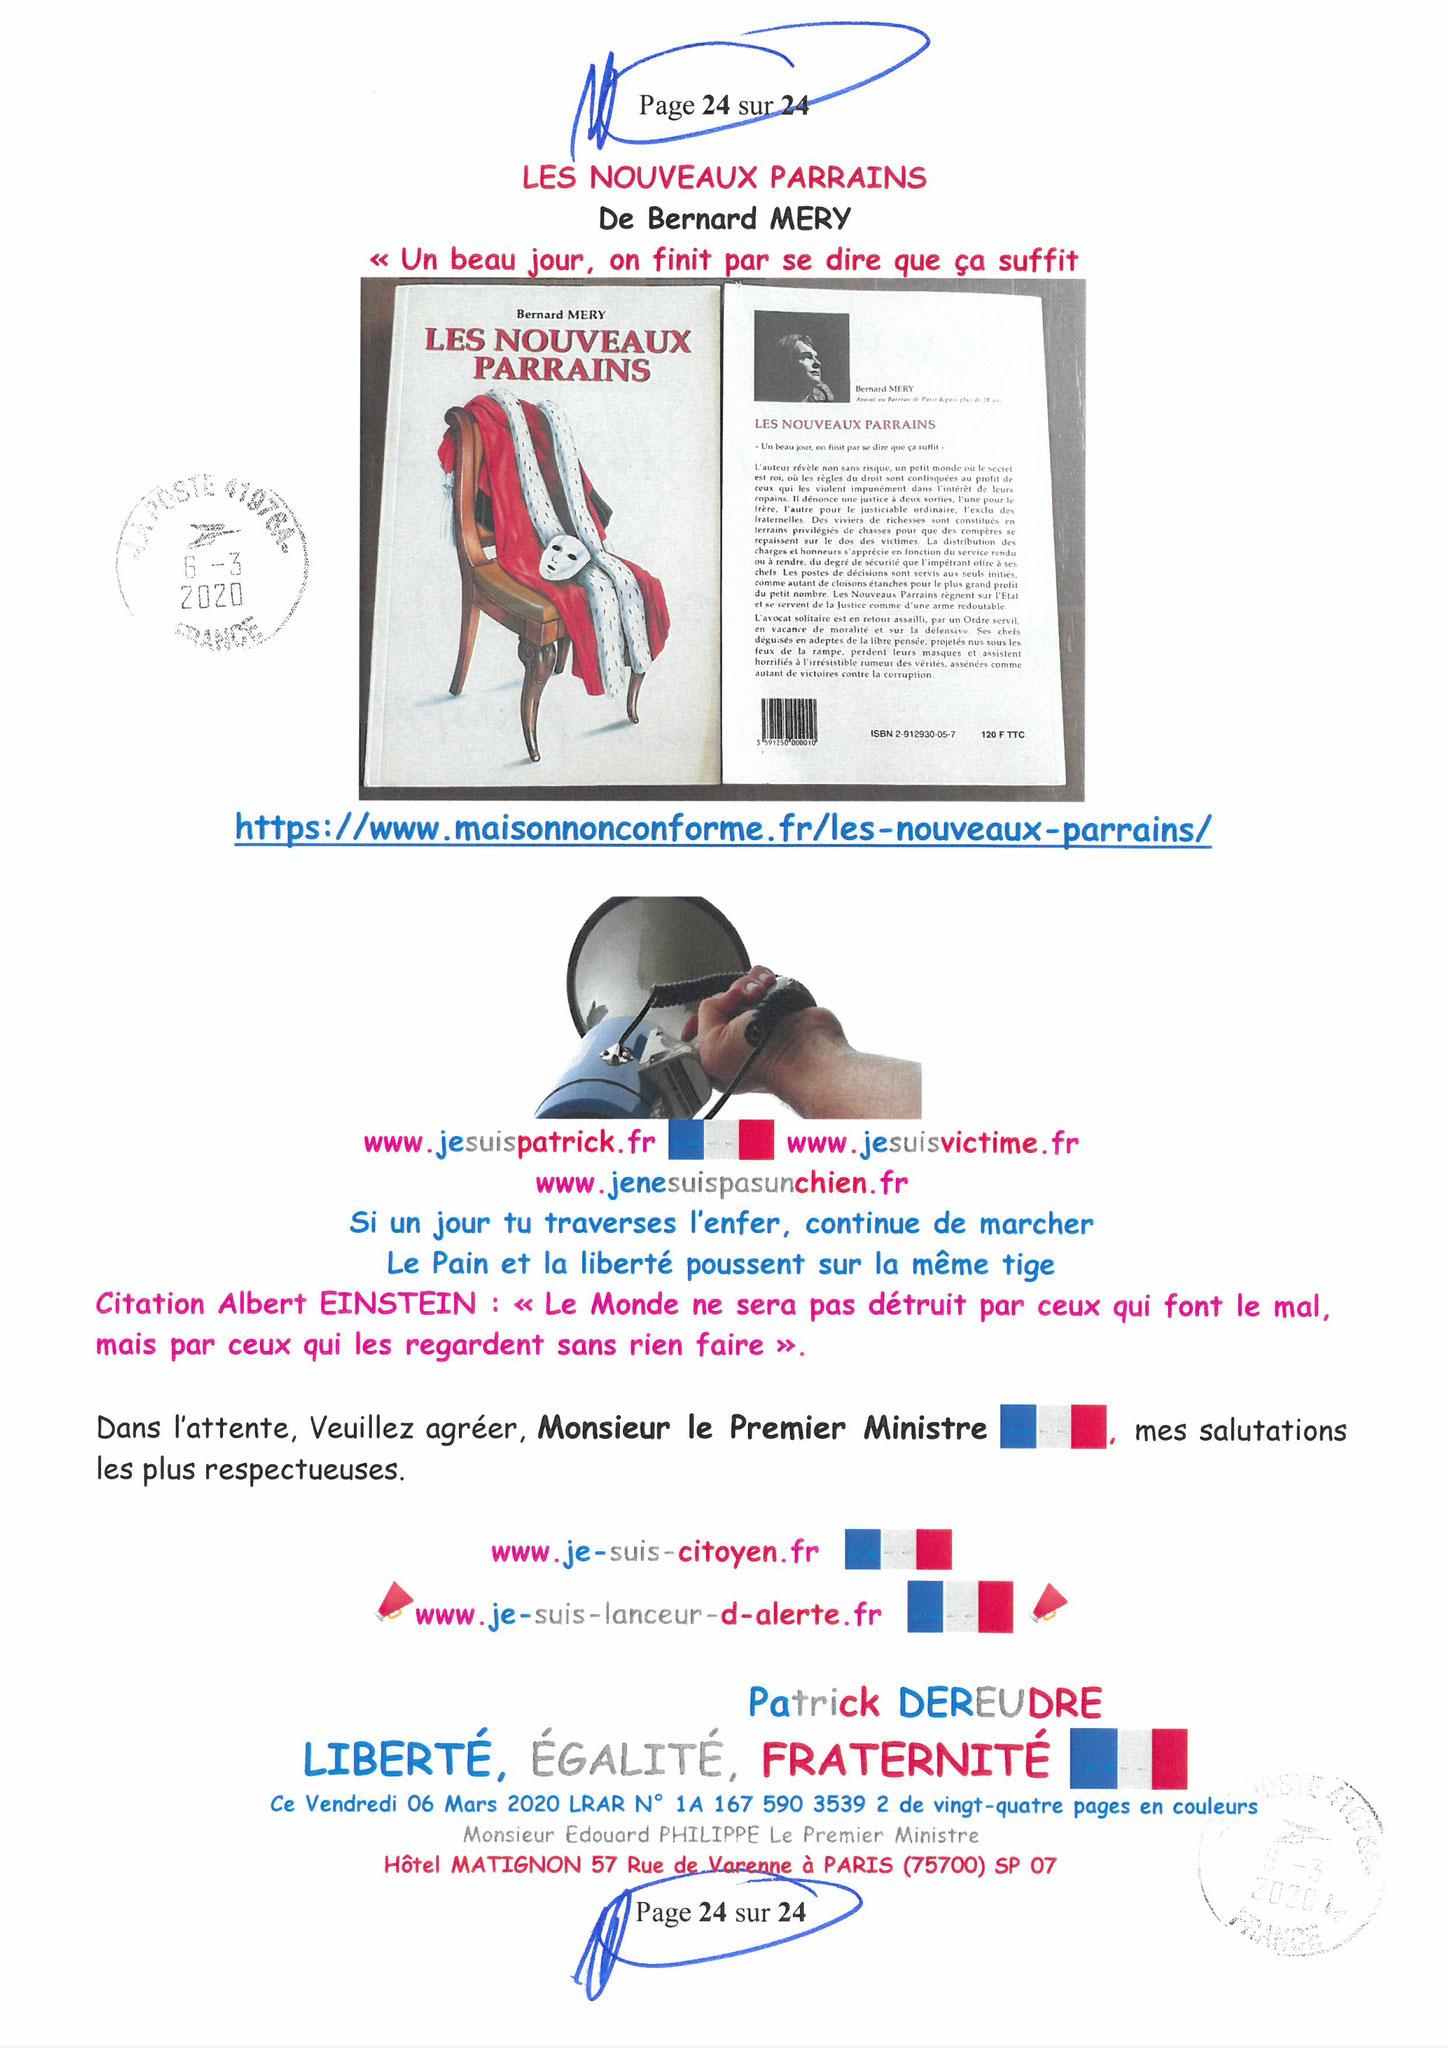 Ma LRAR à Monsieur le  Premier Ministre Edouard PHILIPPE N° 1A 167 590 3539 2 Page 24 sur 24 en Couleur du 06 Mars 2020  www.jesuispatrick.fr www.jesuisvictime.fr www.alerte-rouge-france.fr